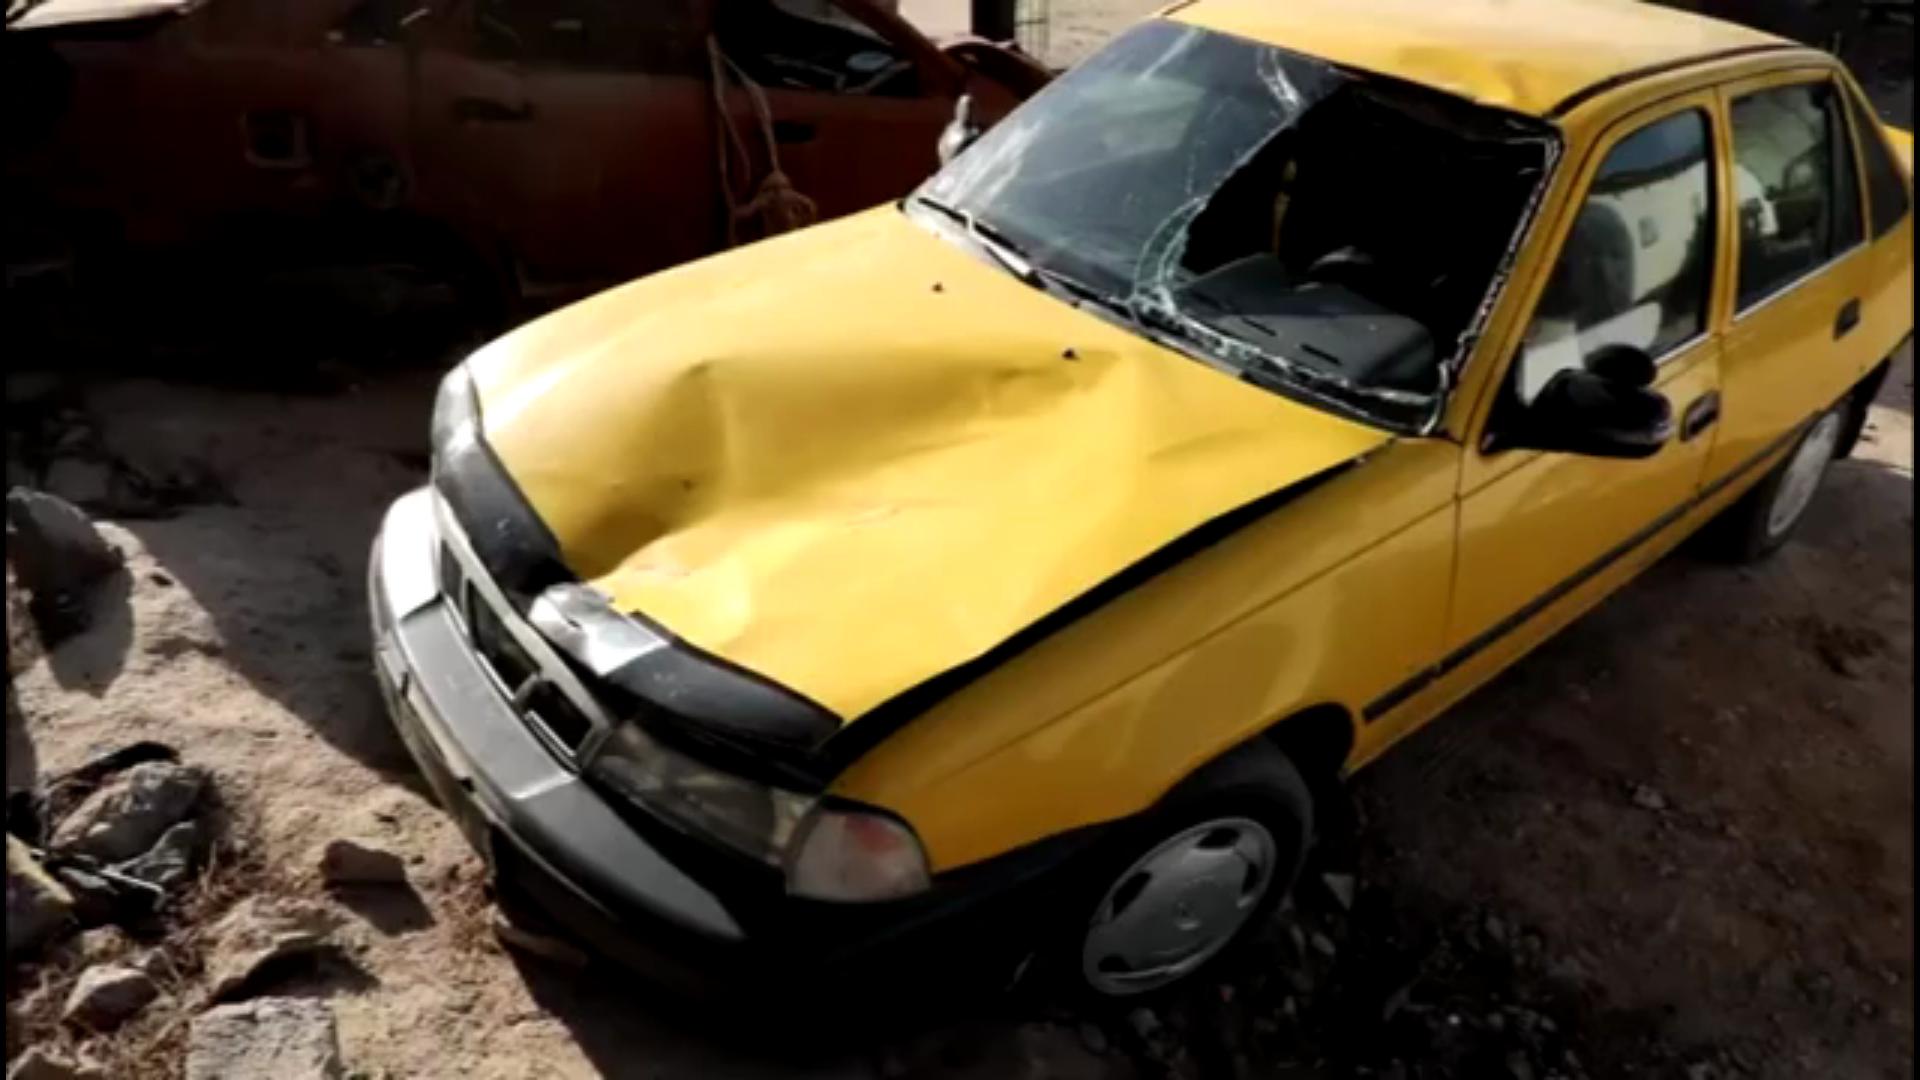 В Сурхандарьинской области Nexia насмерть сбила пешехода – видео